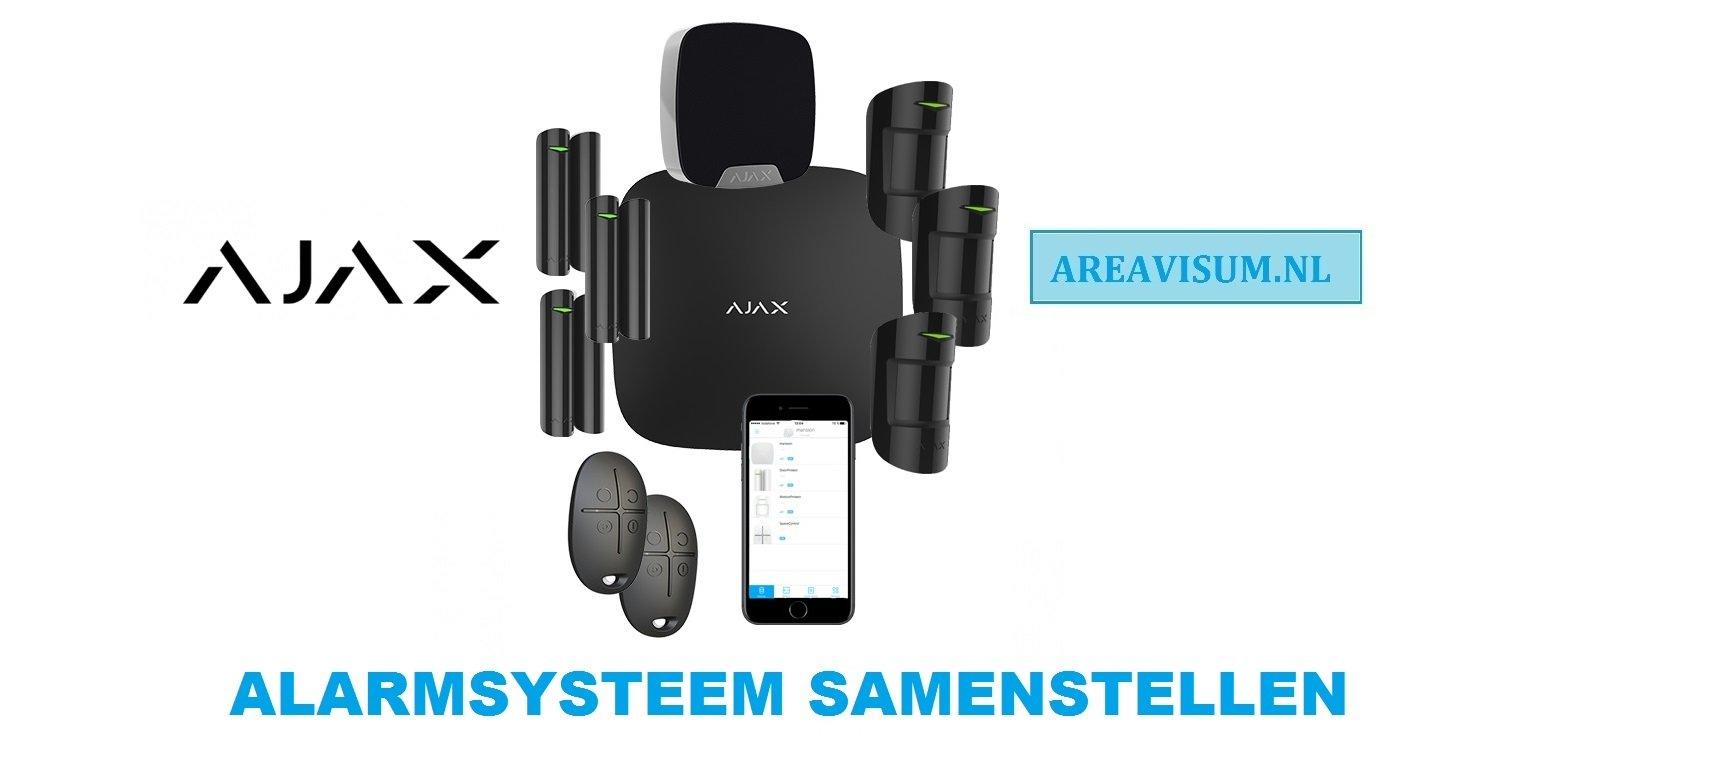 AJAX-Alarmsystemen-Sets